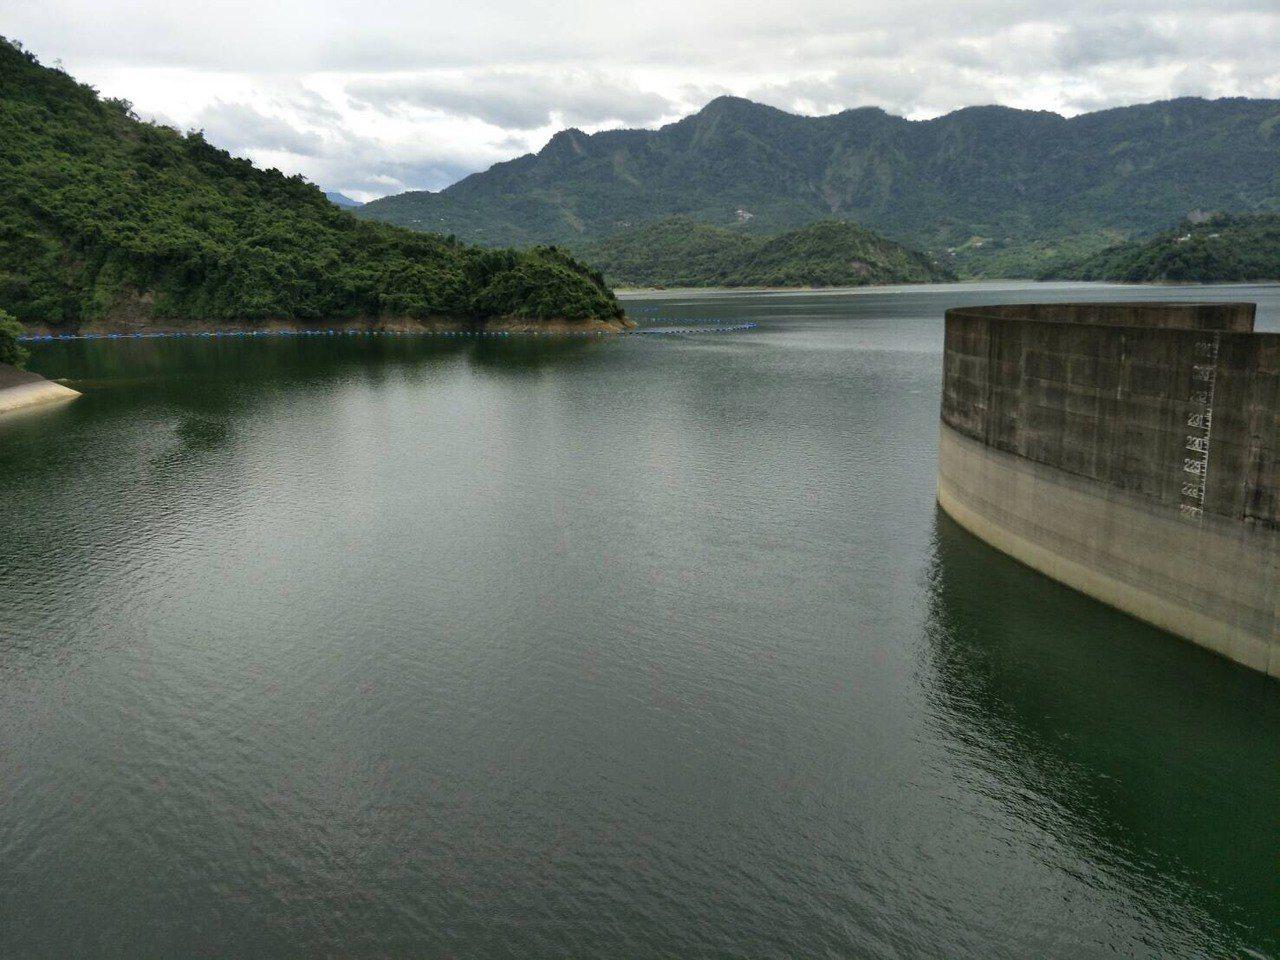 曾文水庫的蓄水量下降至54%,市府呼籲各界節水。 記者吳政修/攝影